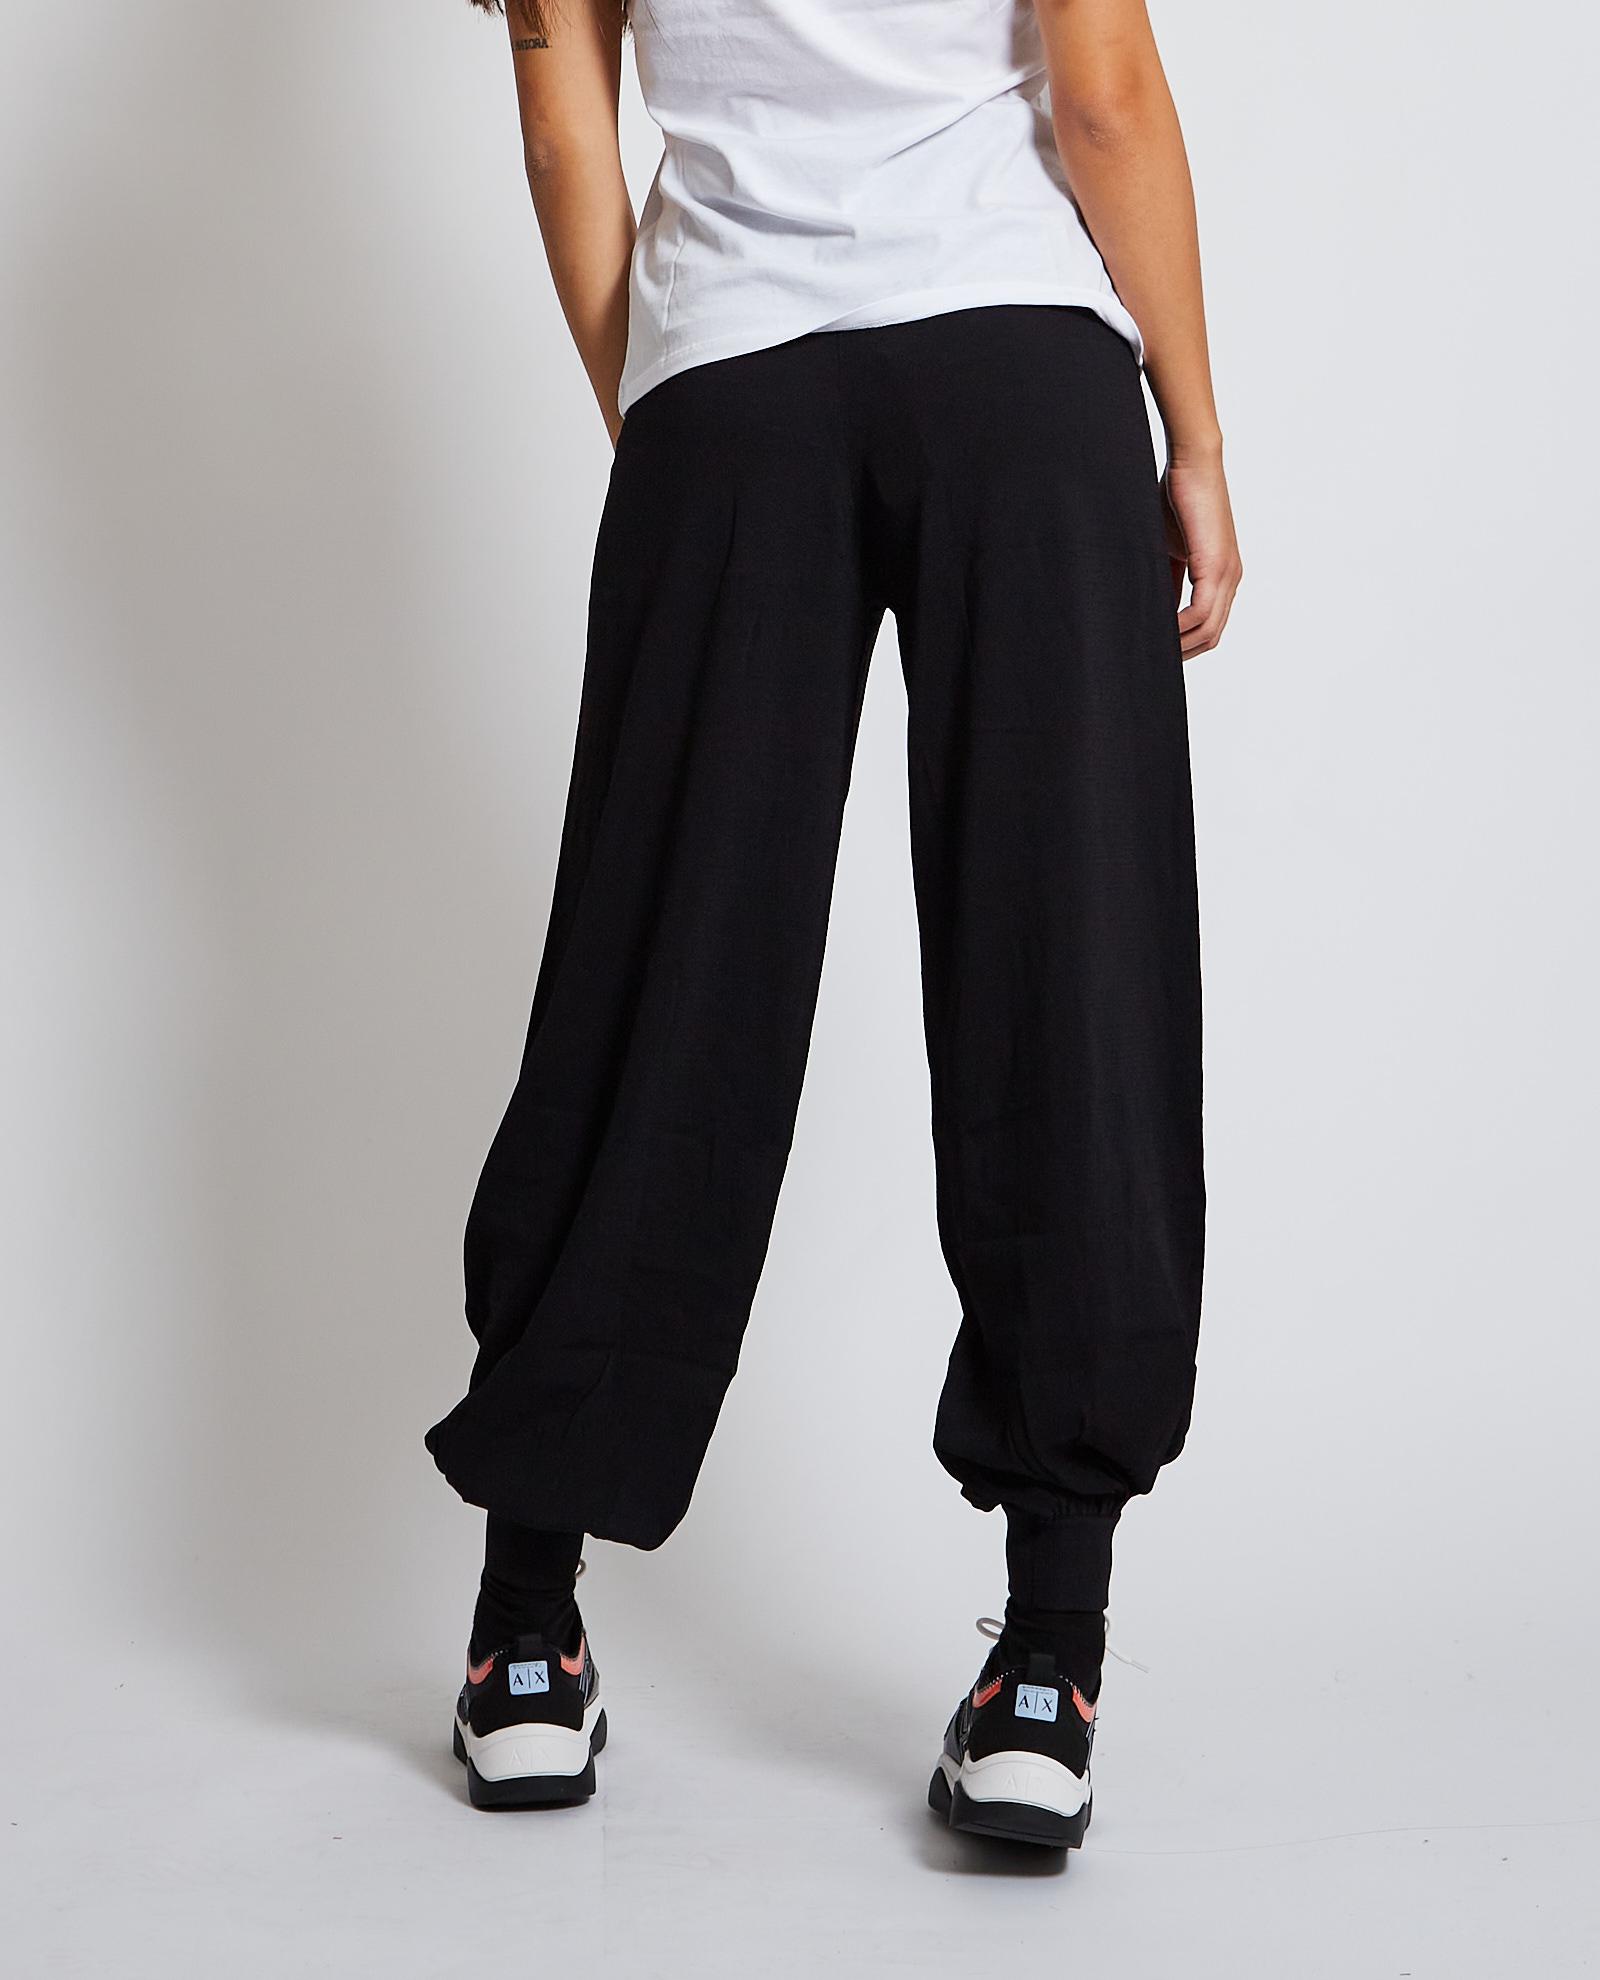 Pantalone Armani Exchange ARMANI EXCHANGE | Pantalone | 6KYP1F-YMM8Z1200